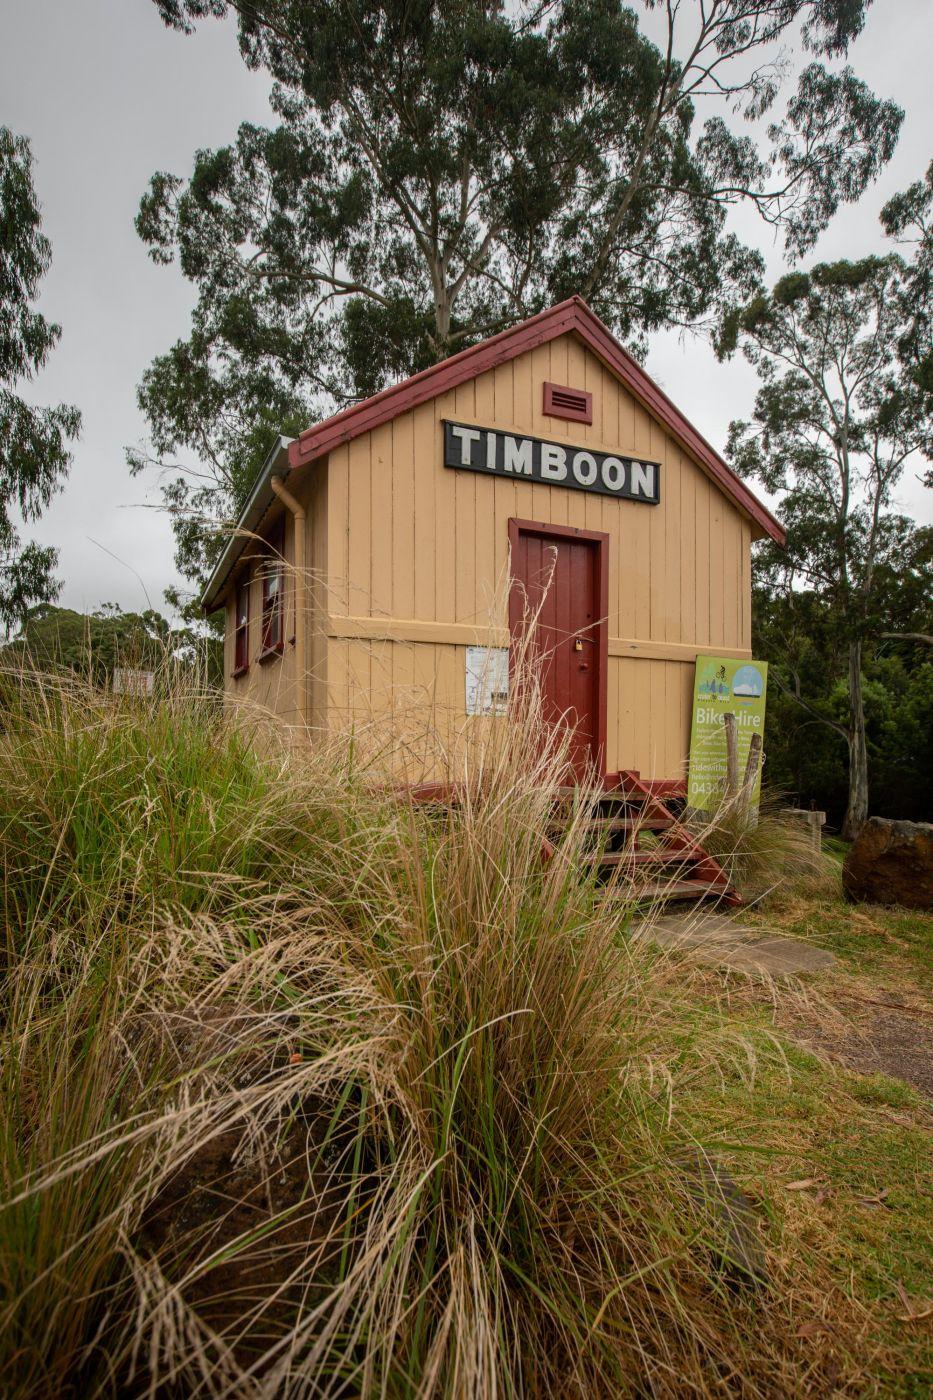 Timboon Hall, Timboon, Victoria, Australia